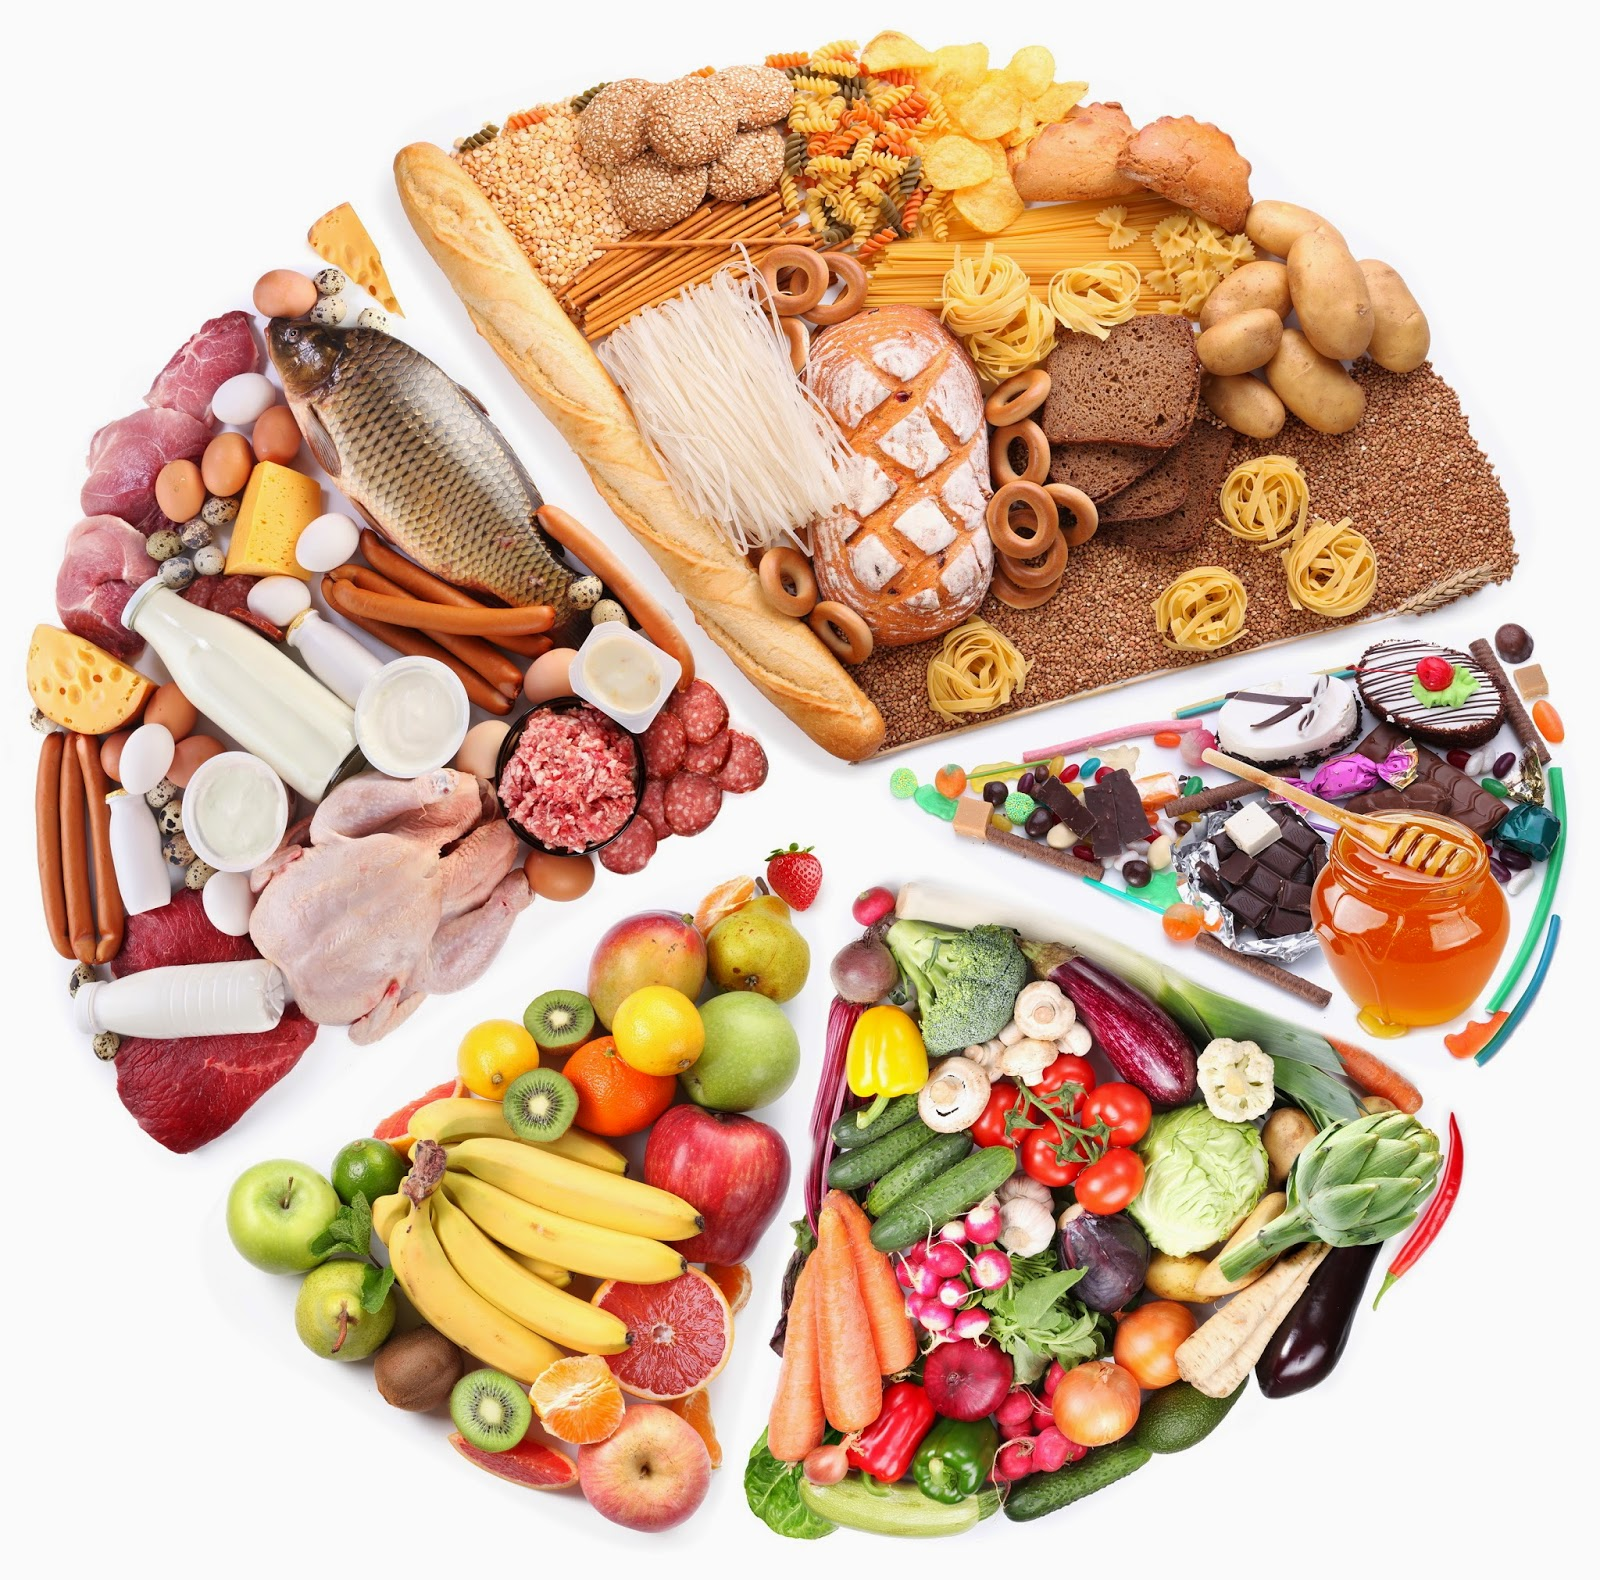 Картинка продуктов питания